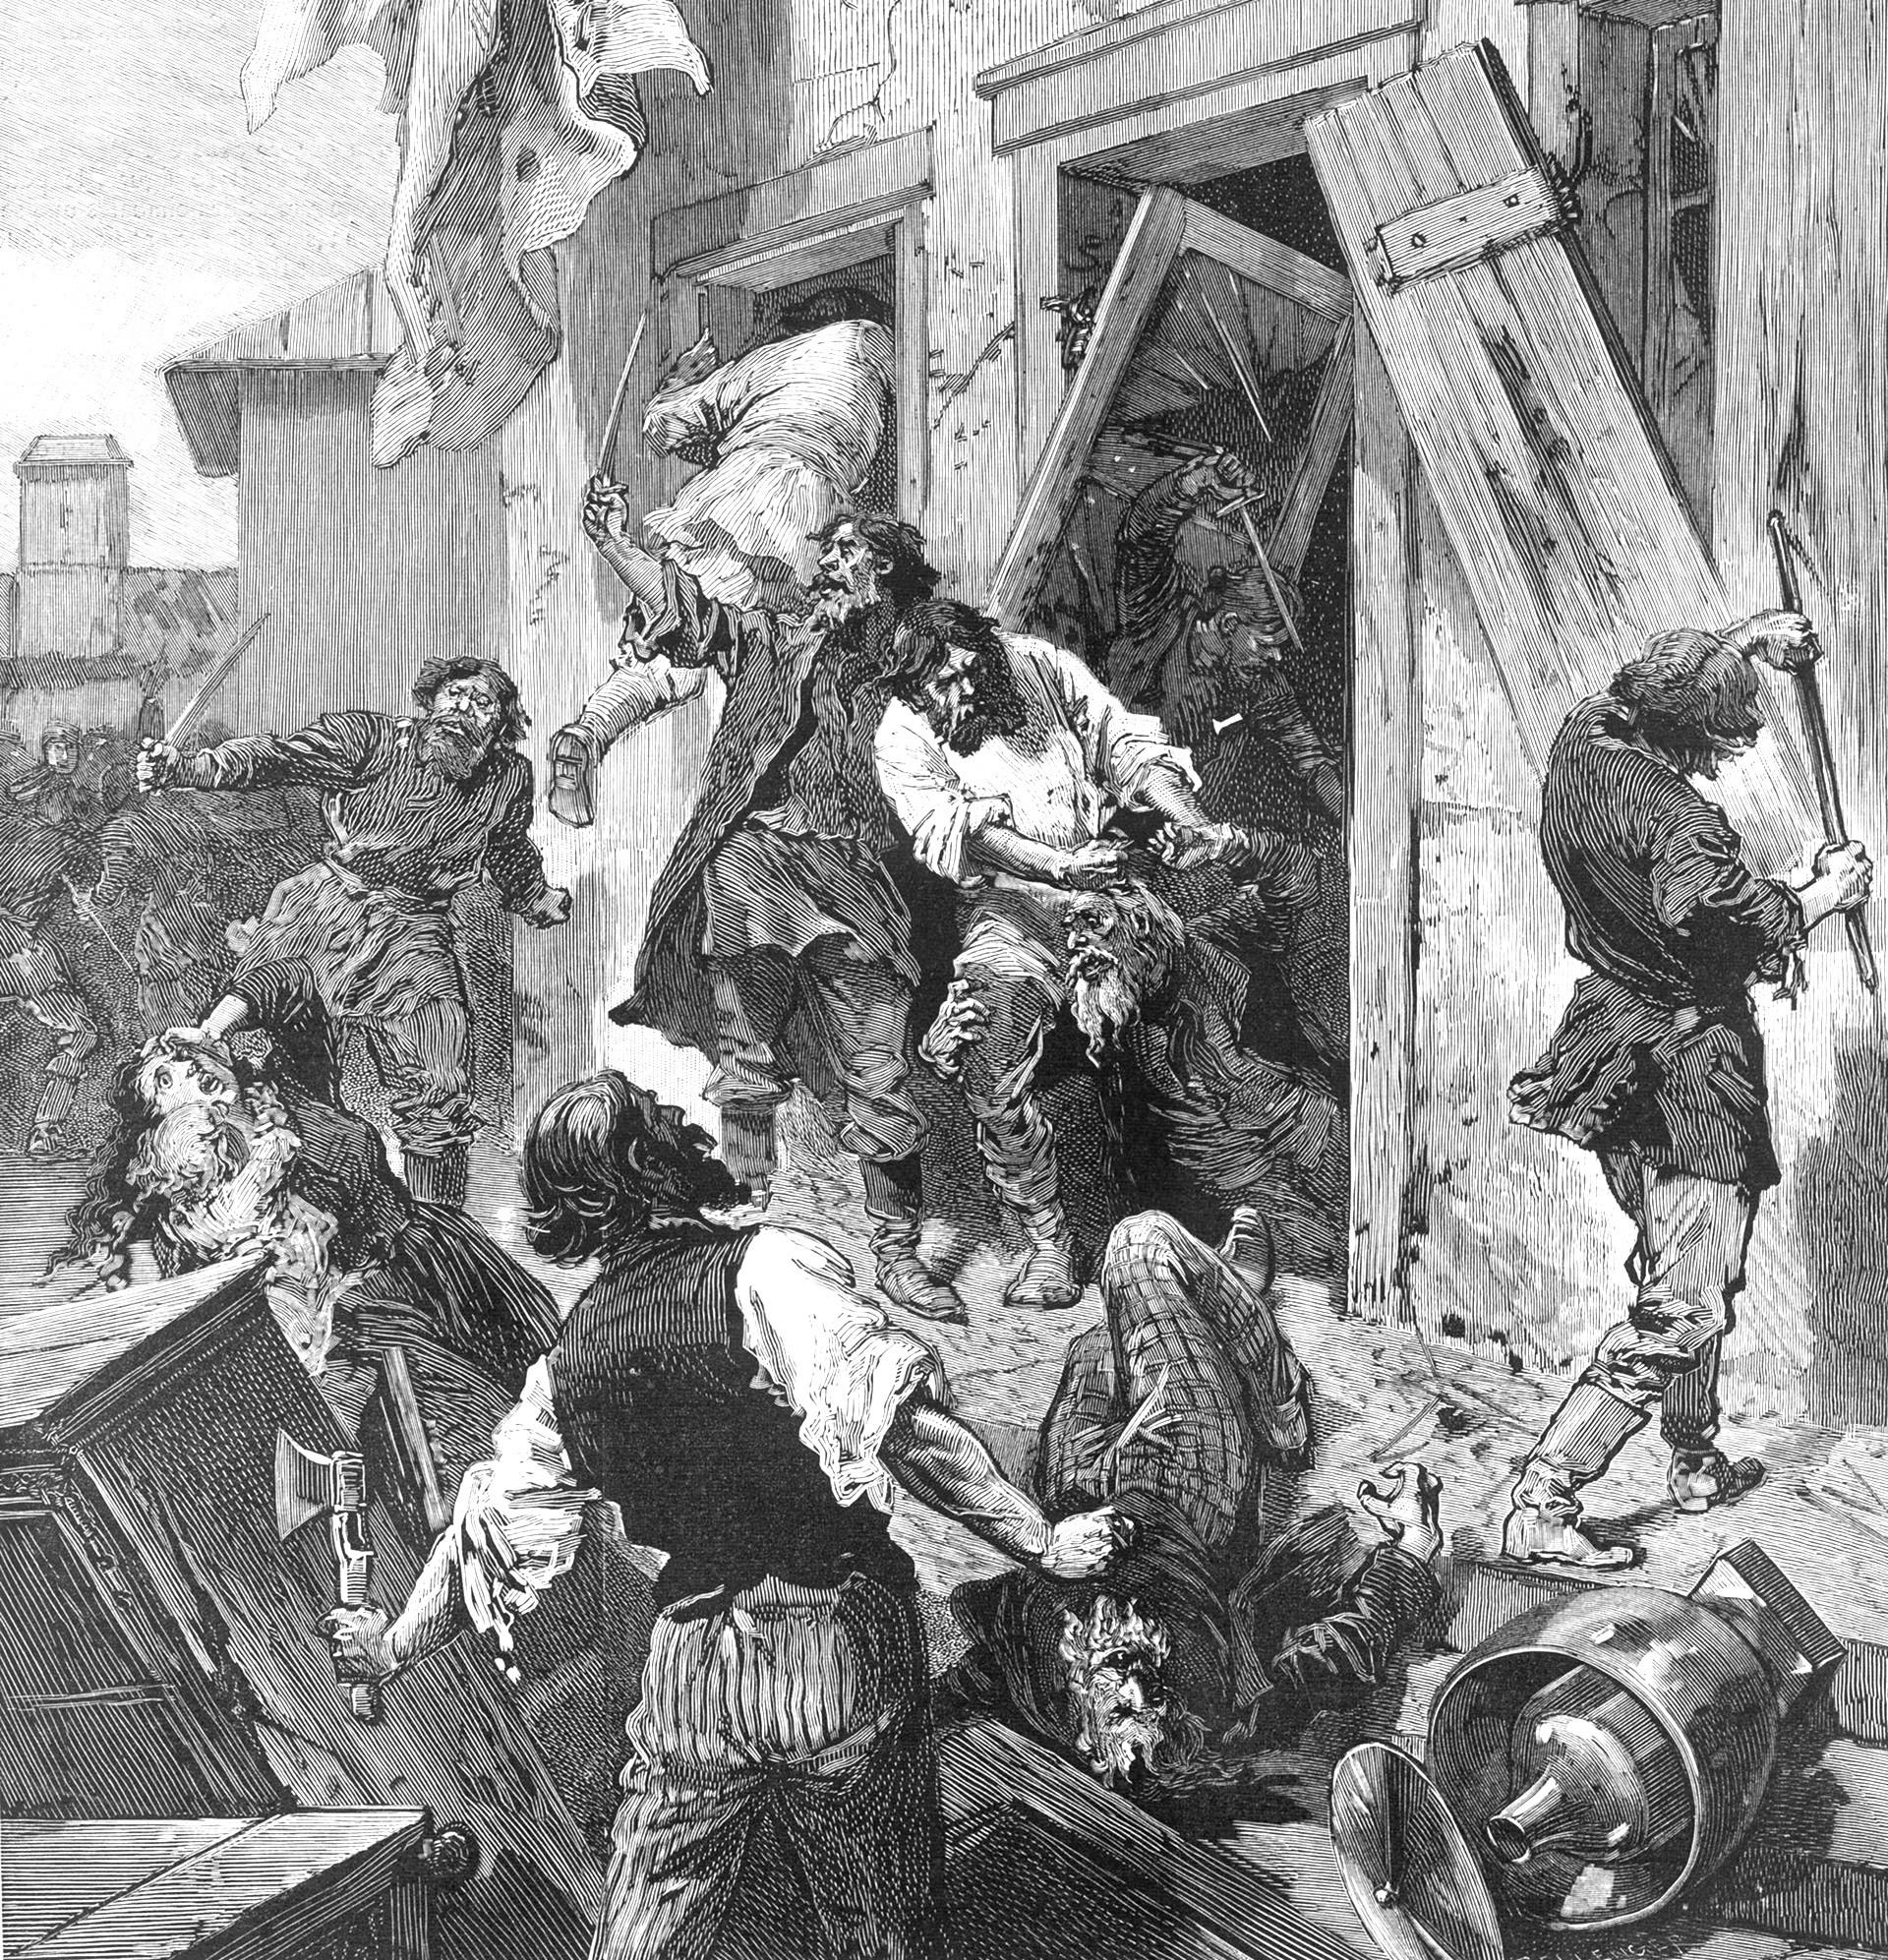 Нападение на еврейски дом в Коновино край Нижни Новгород.